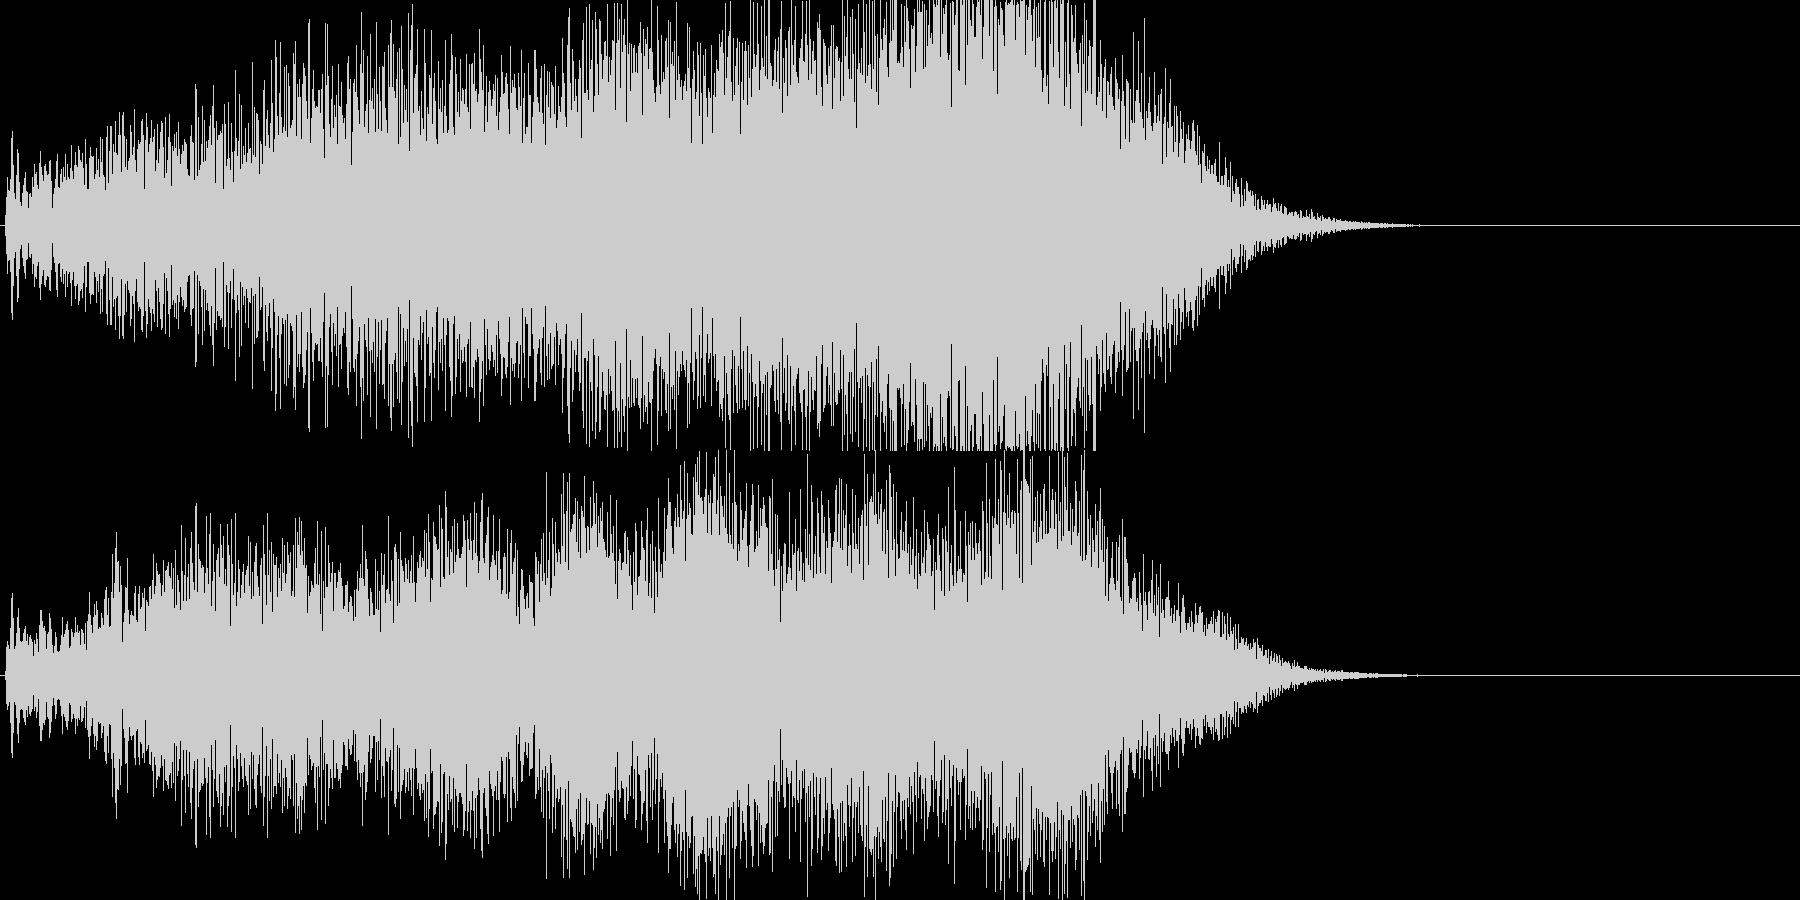 不気味なサウンドエフェクト(お化け屋敷)の未再生の波形